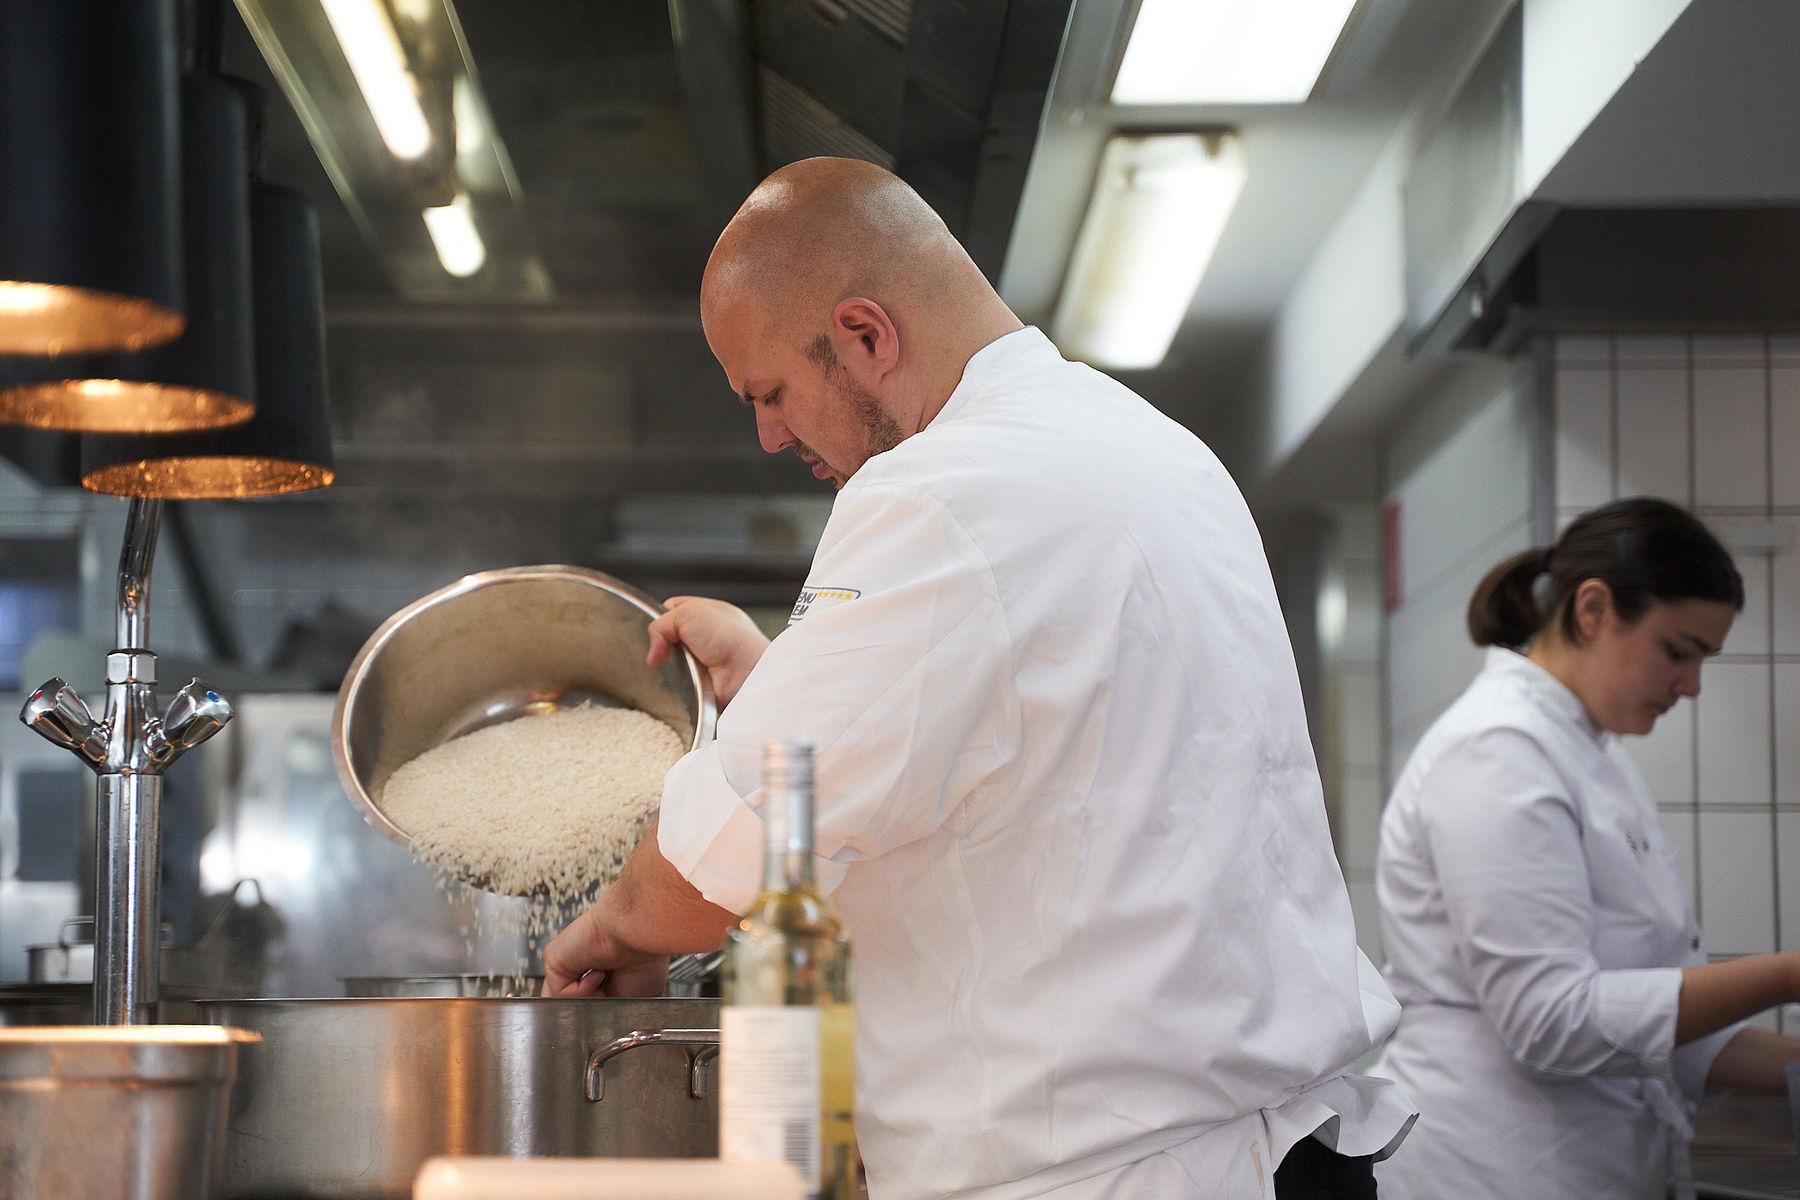 Ein Mitarbeiter der Traube Tonbach beim Kochen